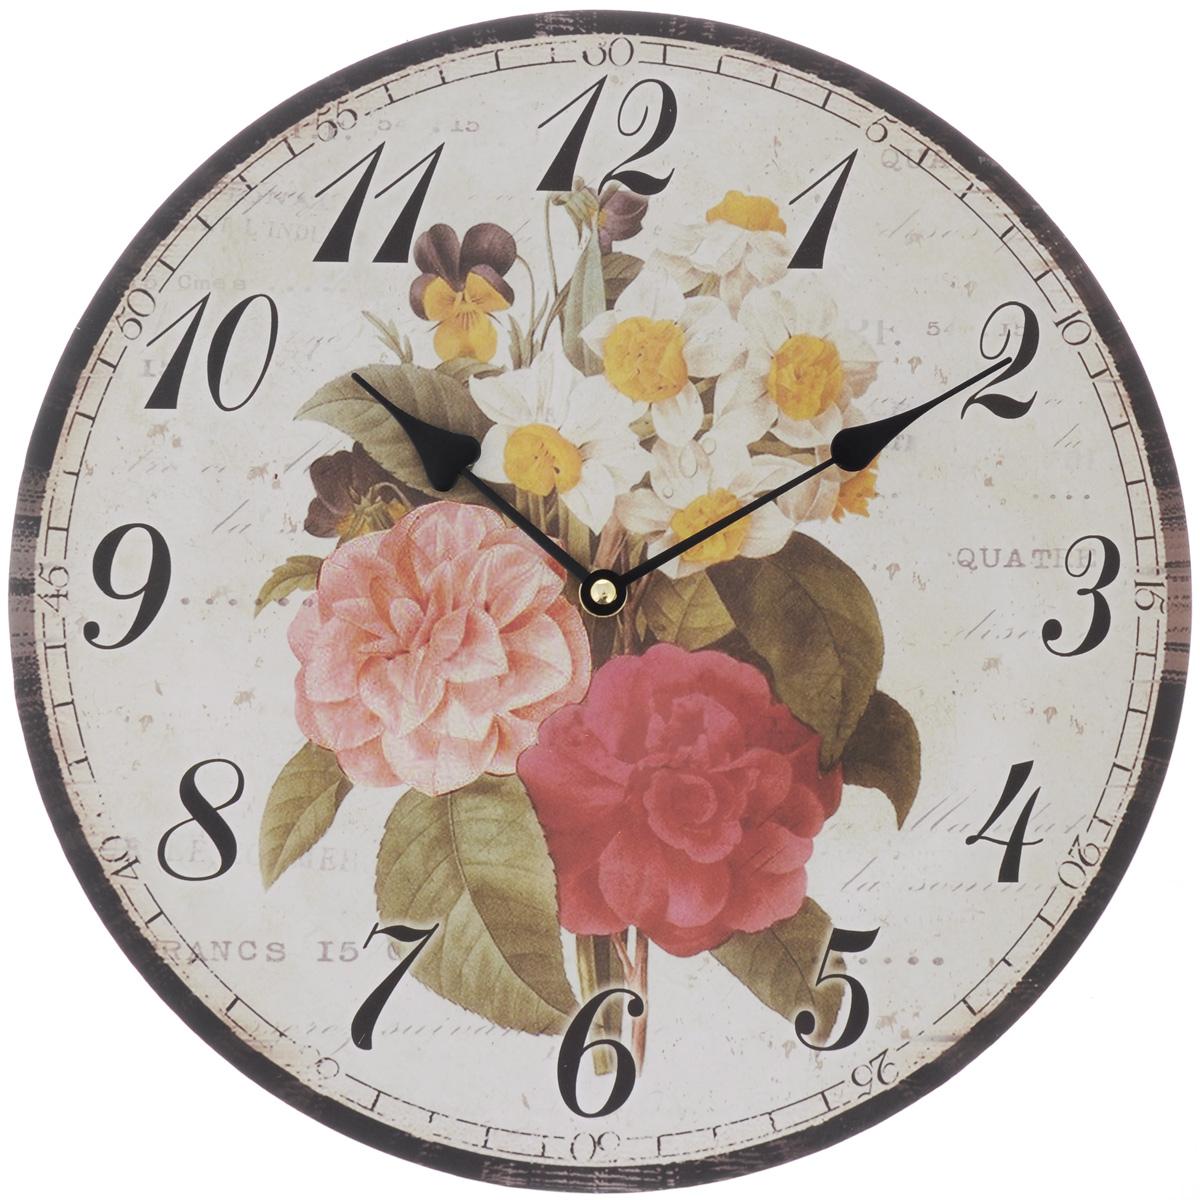 Часы настенные Феникс-Презент Весенний букет, диаметр 34 см40706Настенные часы круглой формы Феникс-Презент Весенний букет своим эксклюзивным дизайном подчеркнут оригинальность интерьера вашего дома. Циферблат оформлен изображением цветов. Часы выполнены из МДФ. МДФ (мелкодисперсные фракции) представляет собой плиту из запрессованной вакуумным способом деревянной пыли и является наиболее экологически чистым материалом среди себе подобных. Часы имеют две стрелки - часовую и минутную. Настенные часы Феникс-Презент Весенний букет подходят для кухни, гостиной, прихожей или дачи, а также могут стать отличным подарком для друзей и близких. Внимание! Часы работают от сменной батареи типа АА 1,5V (в комплект не входит).